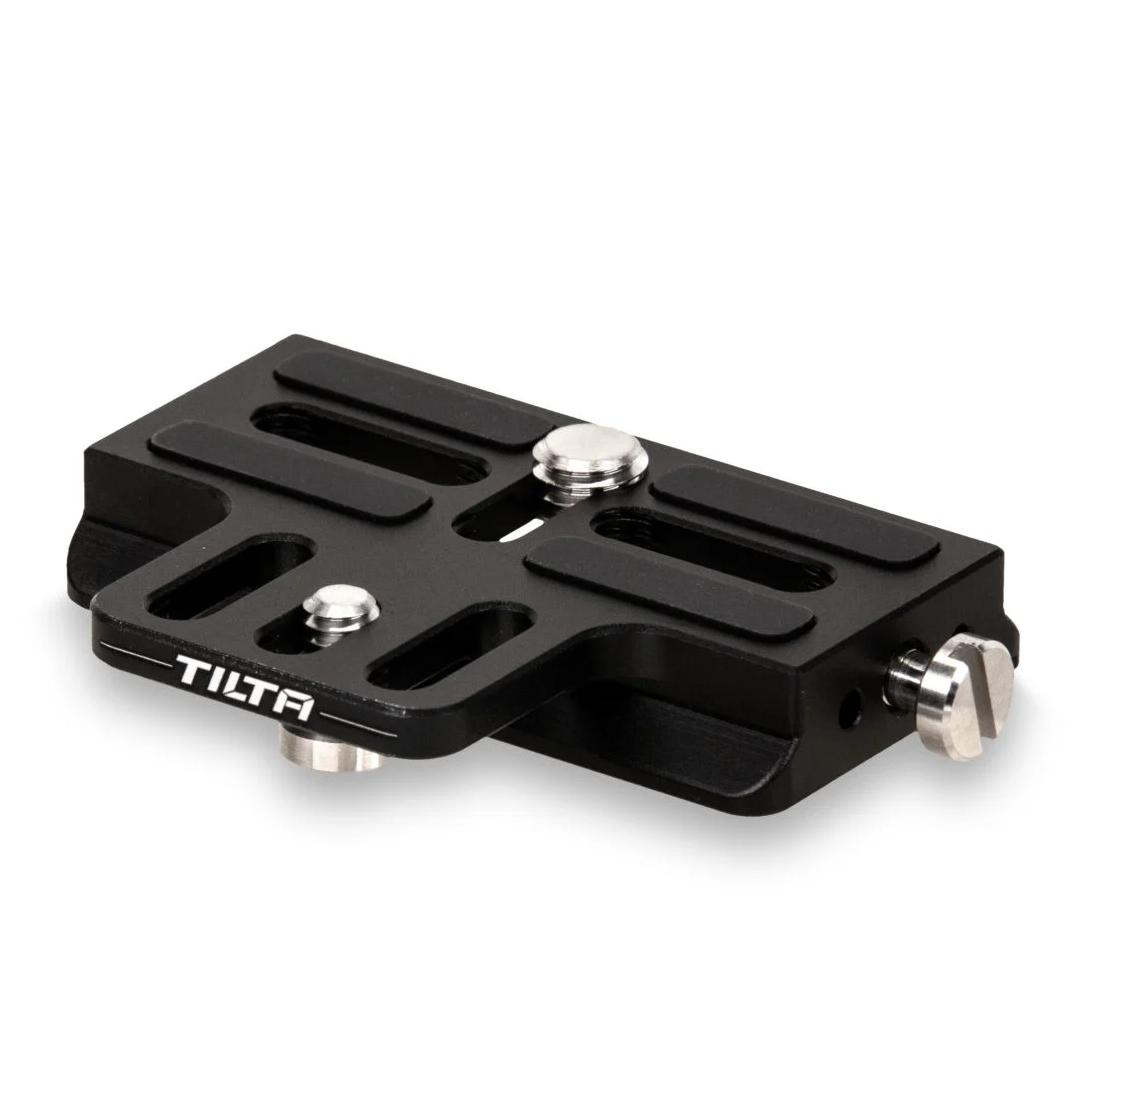 Plaque quick-release pour DJI RS 2 - Tilta